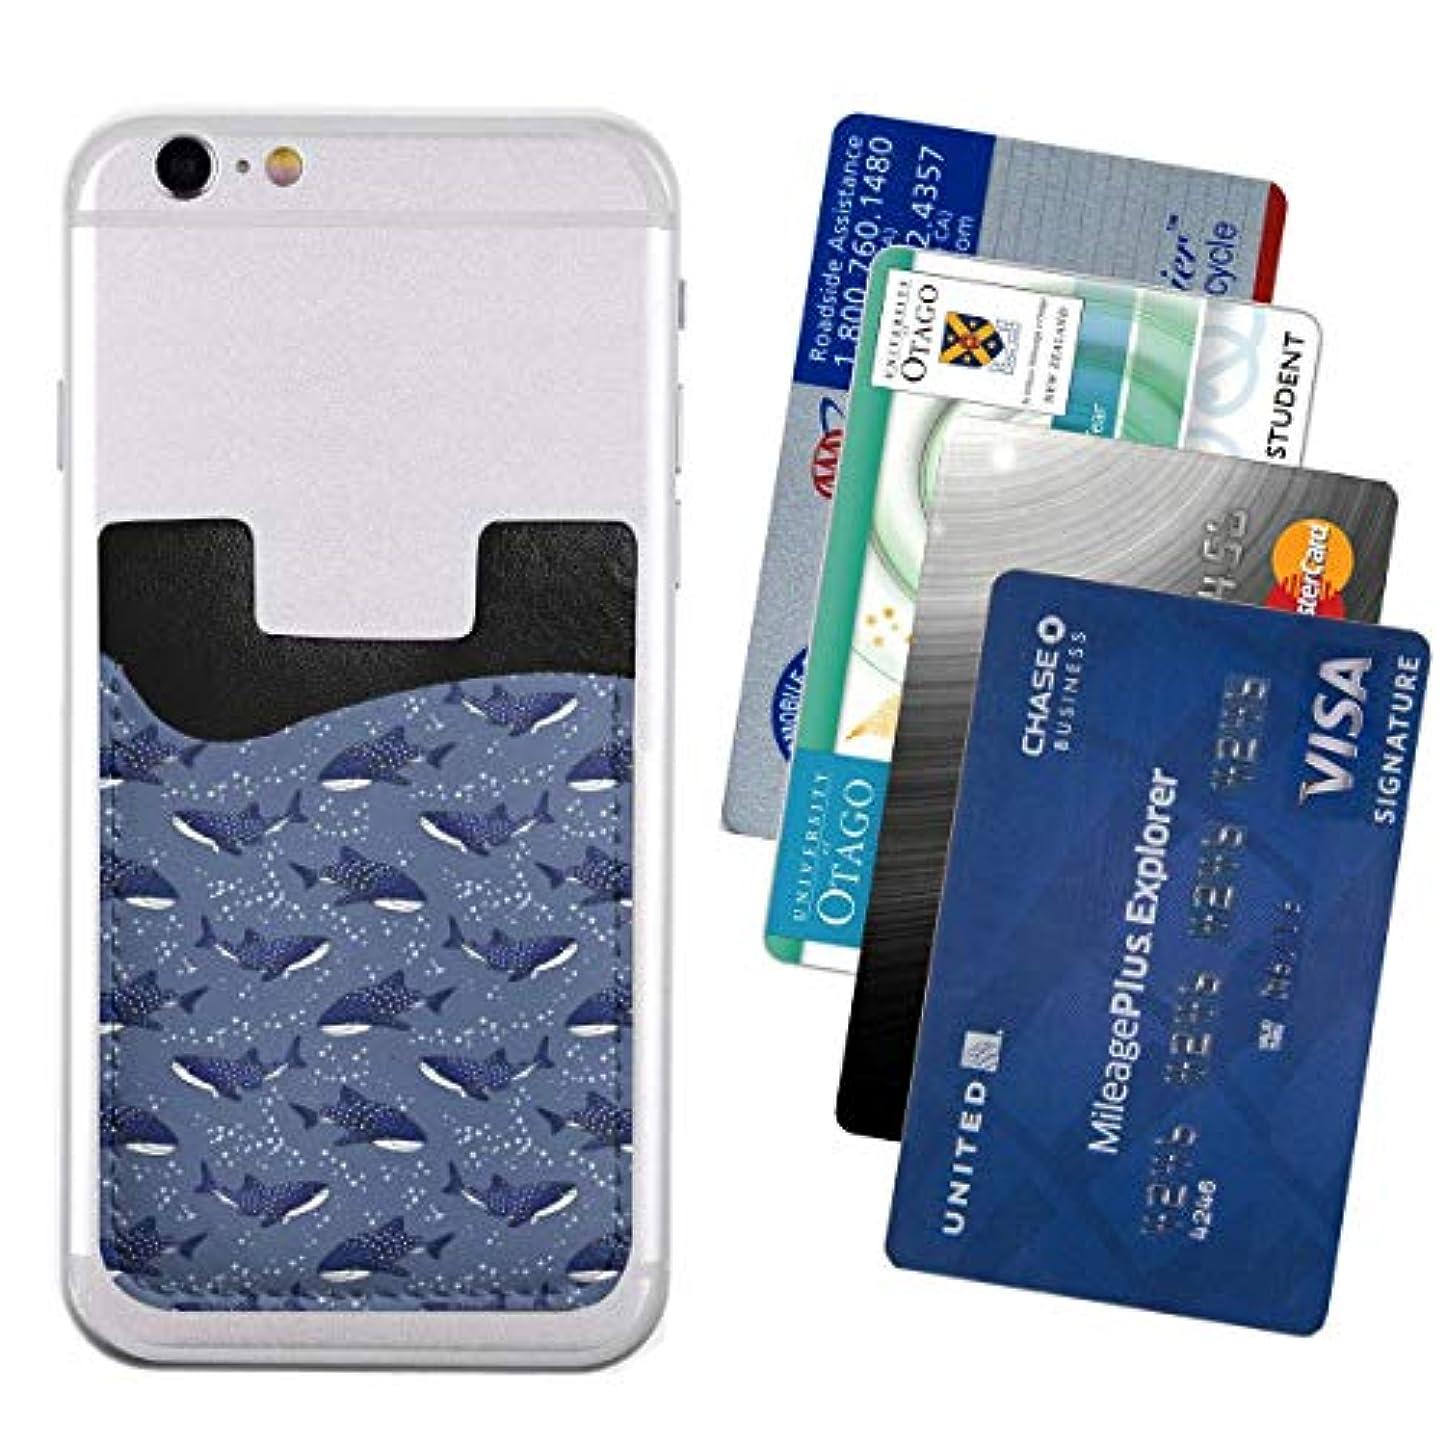 国際葬儀受け入れ携帯ウォレット ポケット カードホルダースマートフォン カードポケッ Starry Whale Sharks 便利 携帯電話カードパッケージ2.4 * 3.5in